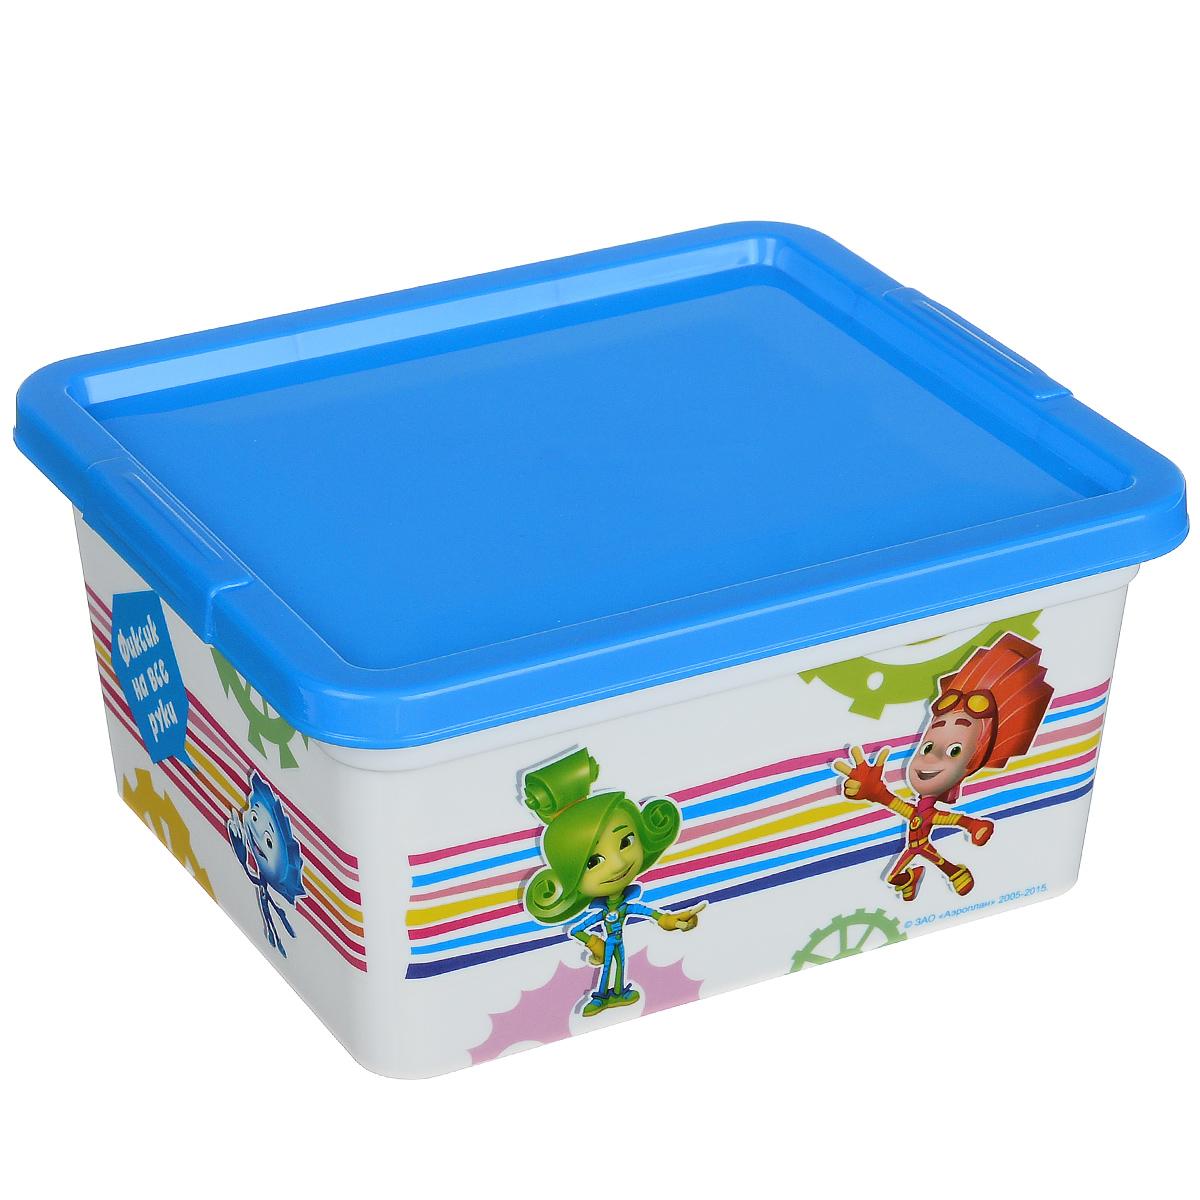 Контейнер для мелочей Полимербыт Фиксики, цвет: голубой, белый, 1,9 л набор для хранения полимербыт фиксики 6 предметов